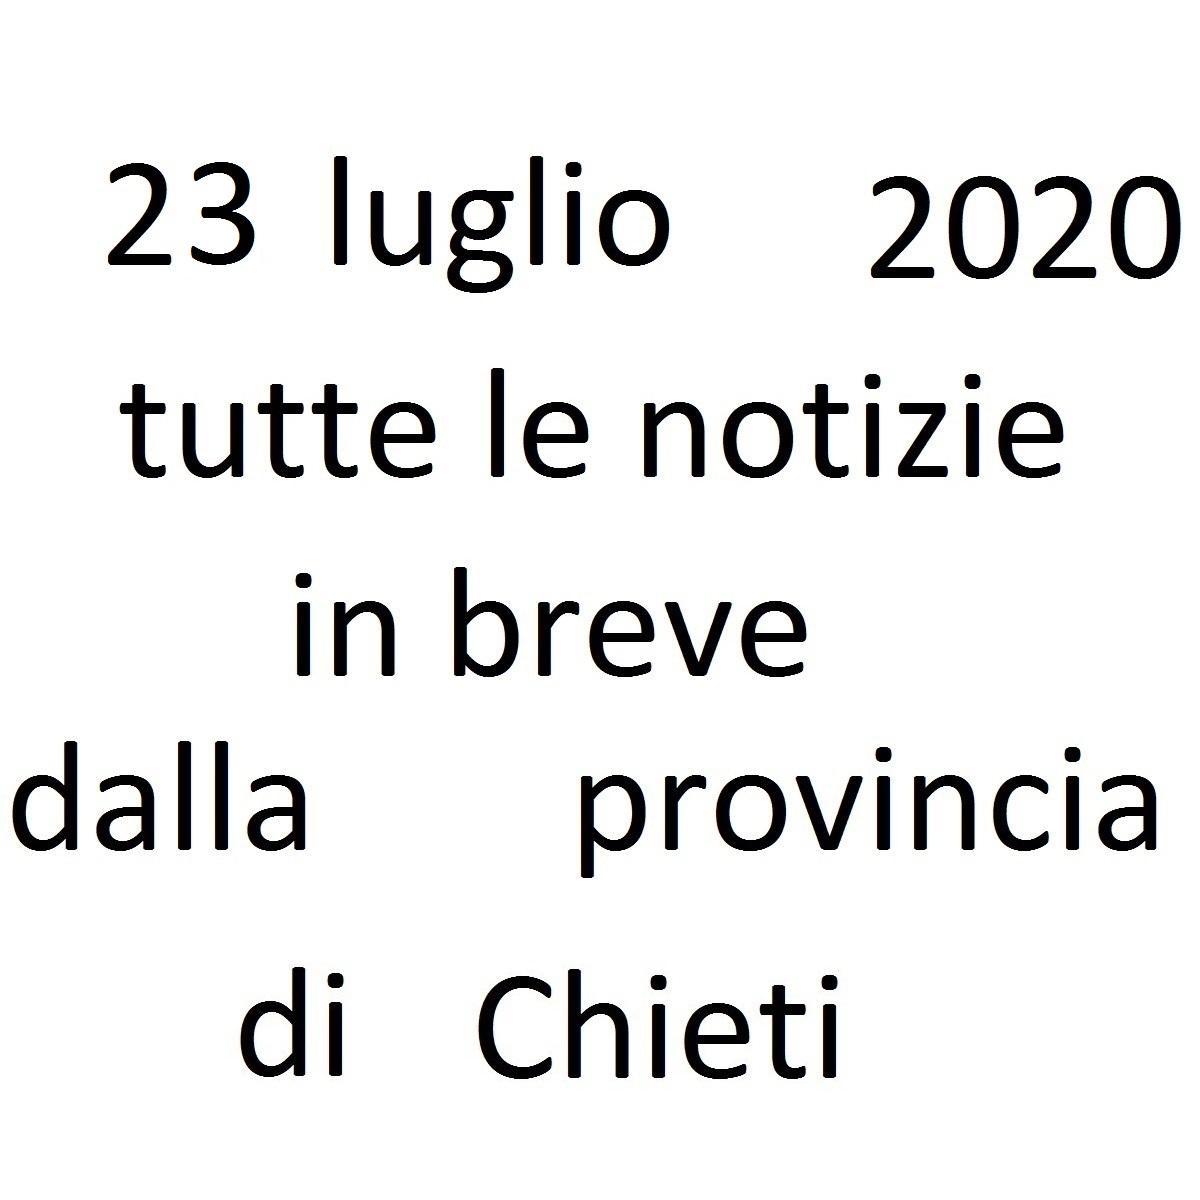 23 luglio 2020 notizie in breve dalla Provincia di Chieti foto